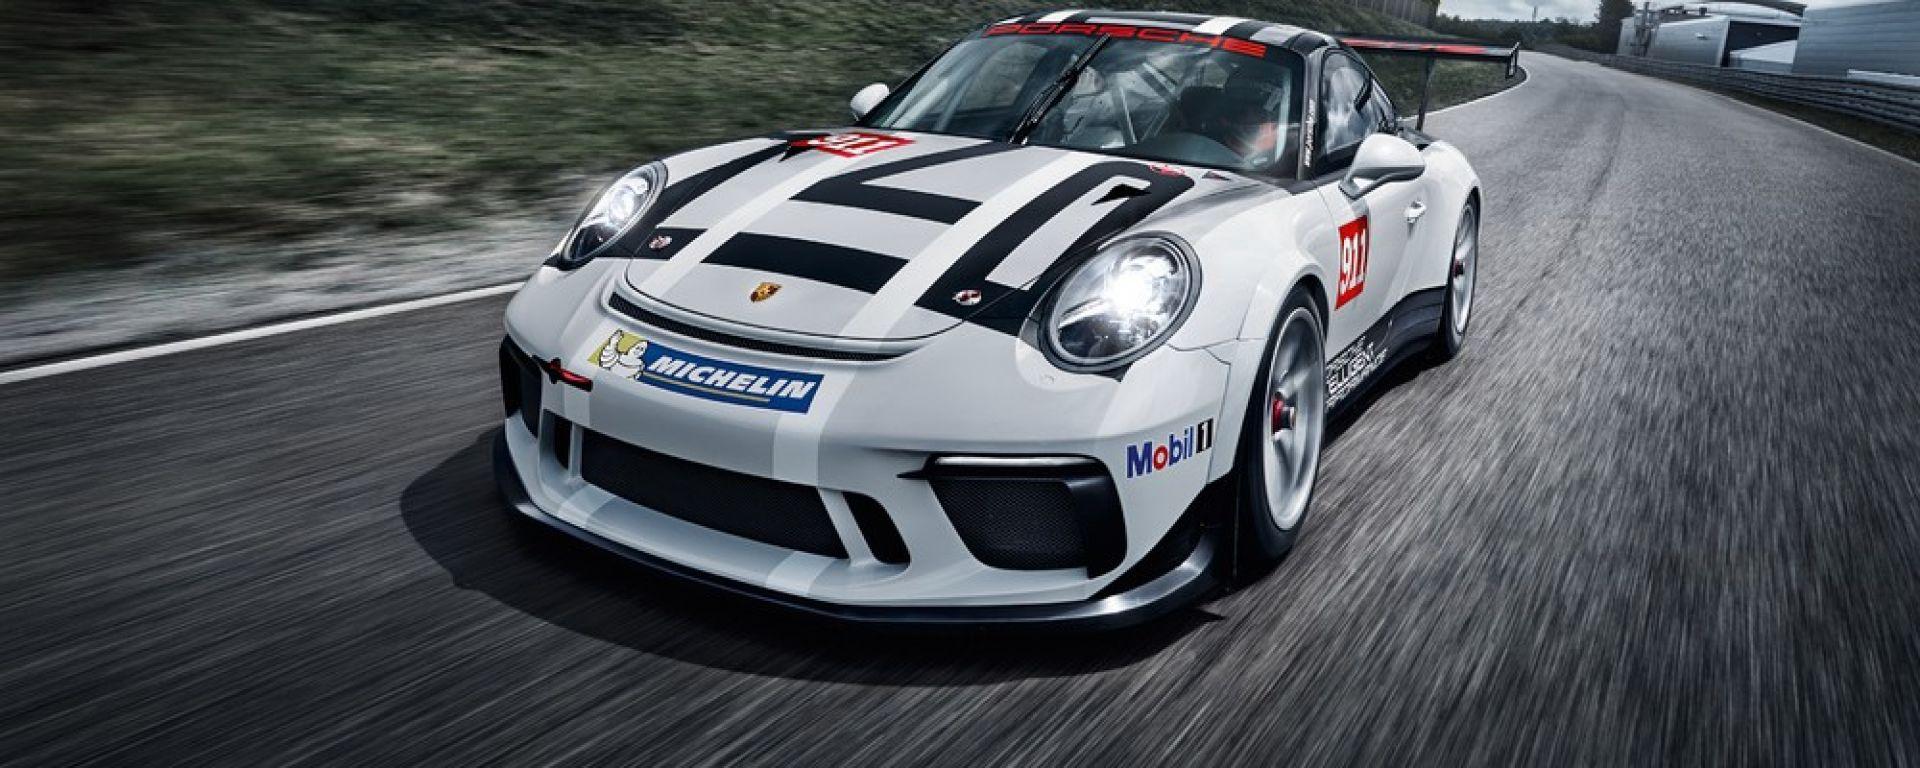 La Porsche 911 GT3 Cup sarà impegnata nella Porsche Mobil 1 Supercup